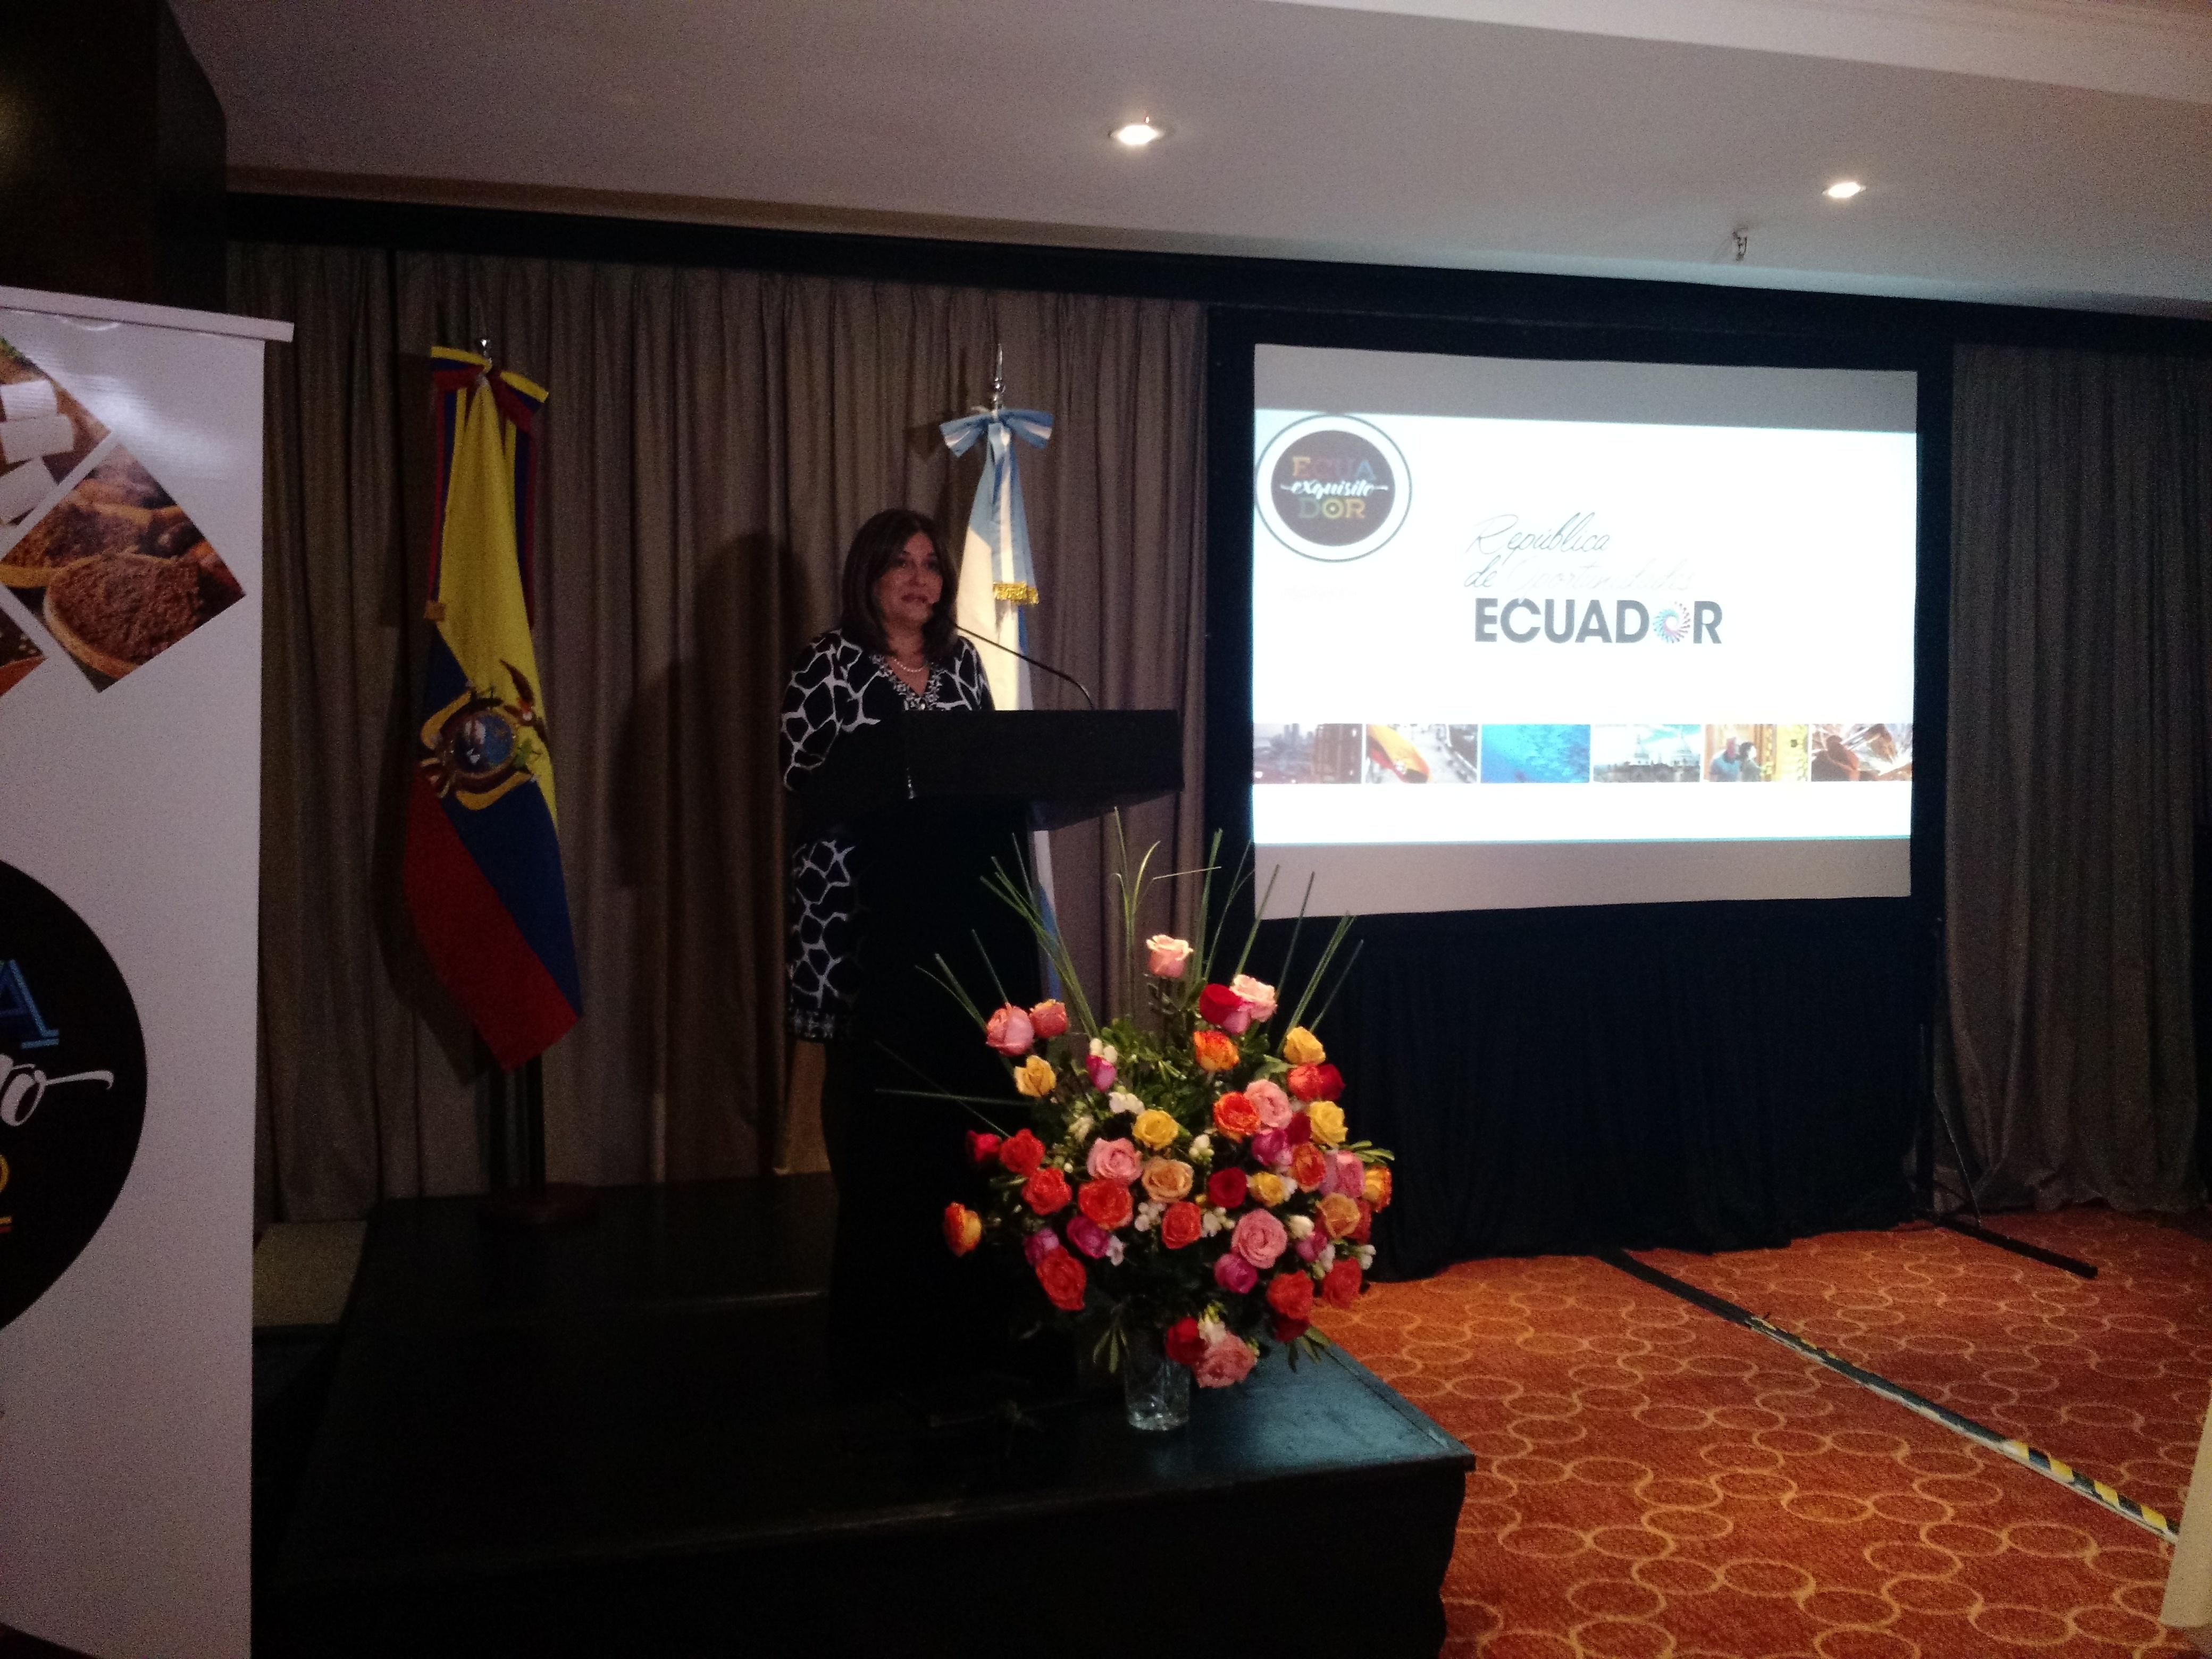 Gloria Vidal, Embajadora de Ecuador en Argentina